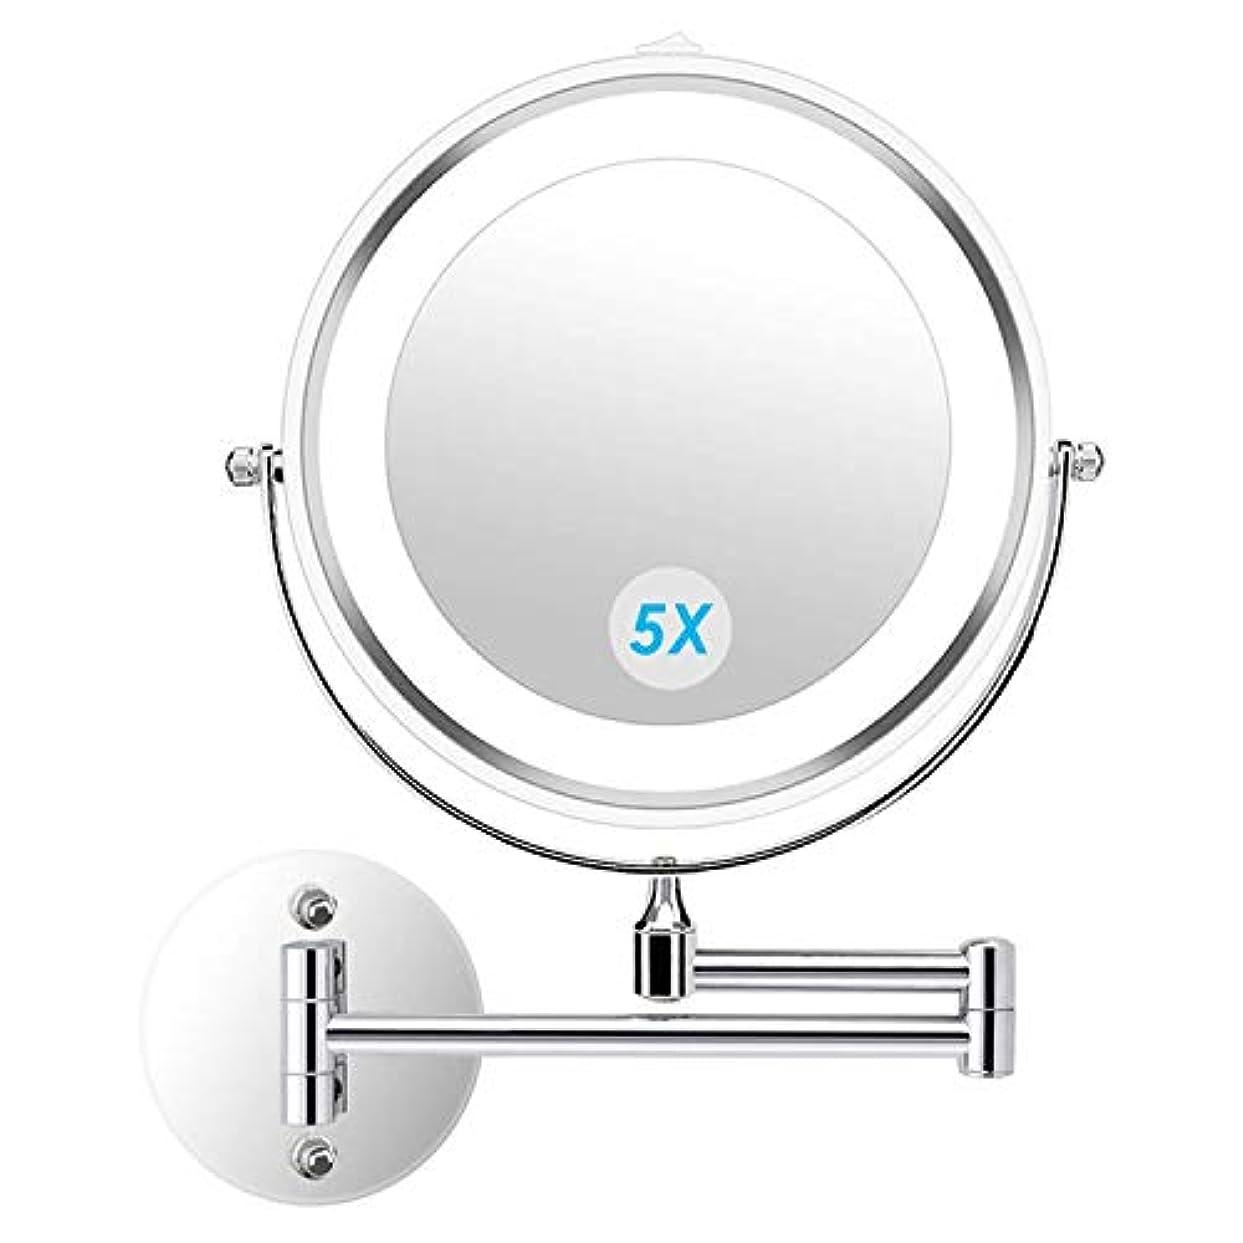 中性アドバイス内向きalvorog 壁掛け化粧鏡 4個 電池で駆動バスルームホテル用照明付き両面5倍 倍率360度 スイベル延長化粧化粧鏡を導きました 7